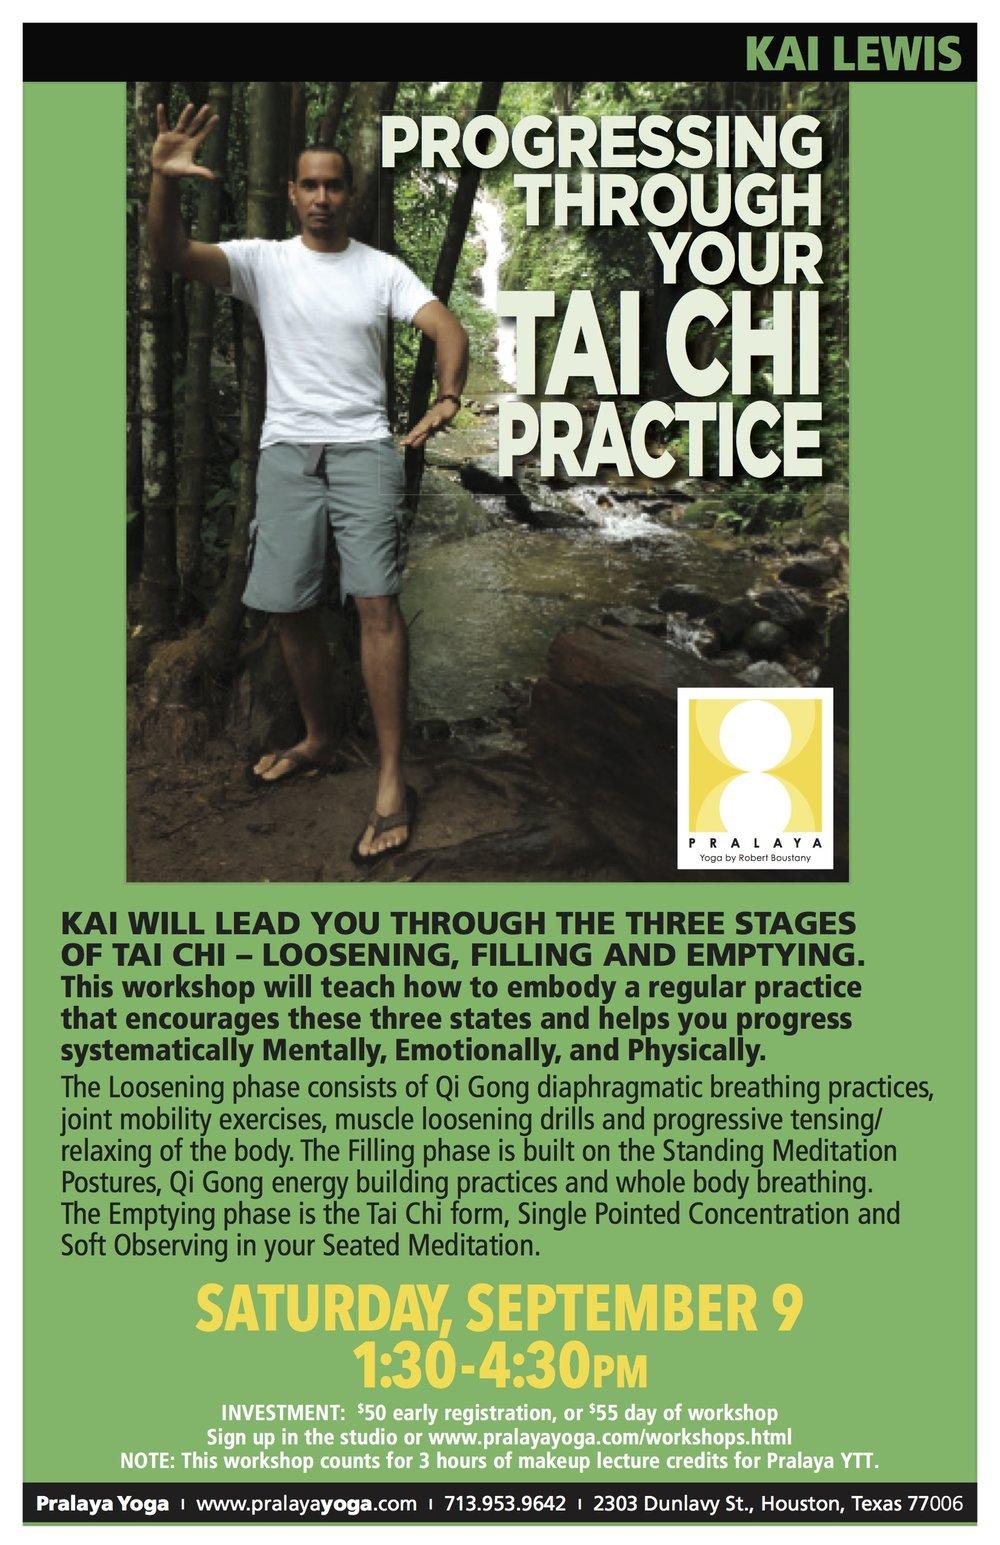 0909127-Kai Lewis Taichi1 copy.jpg